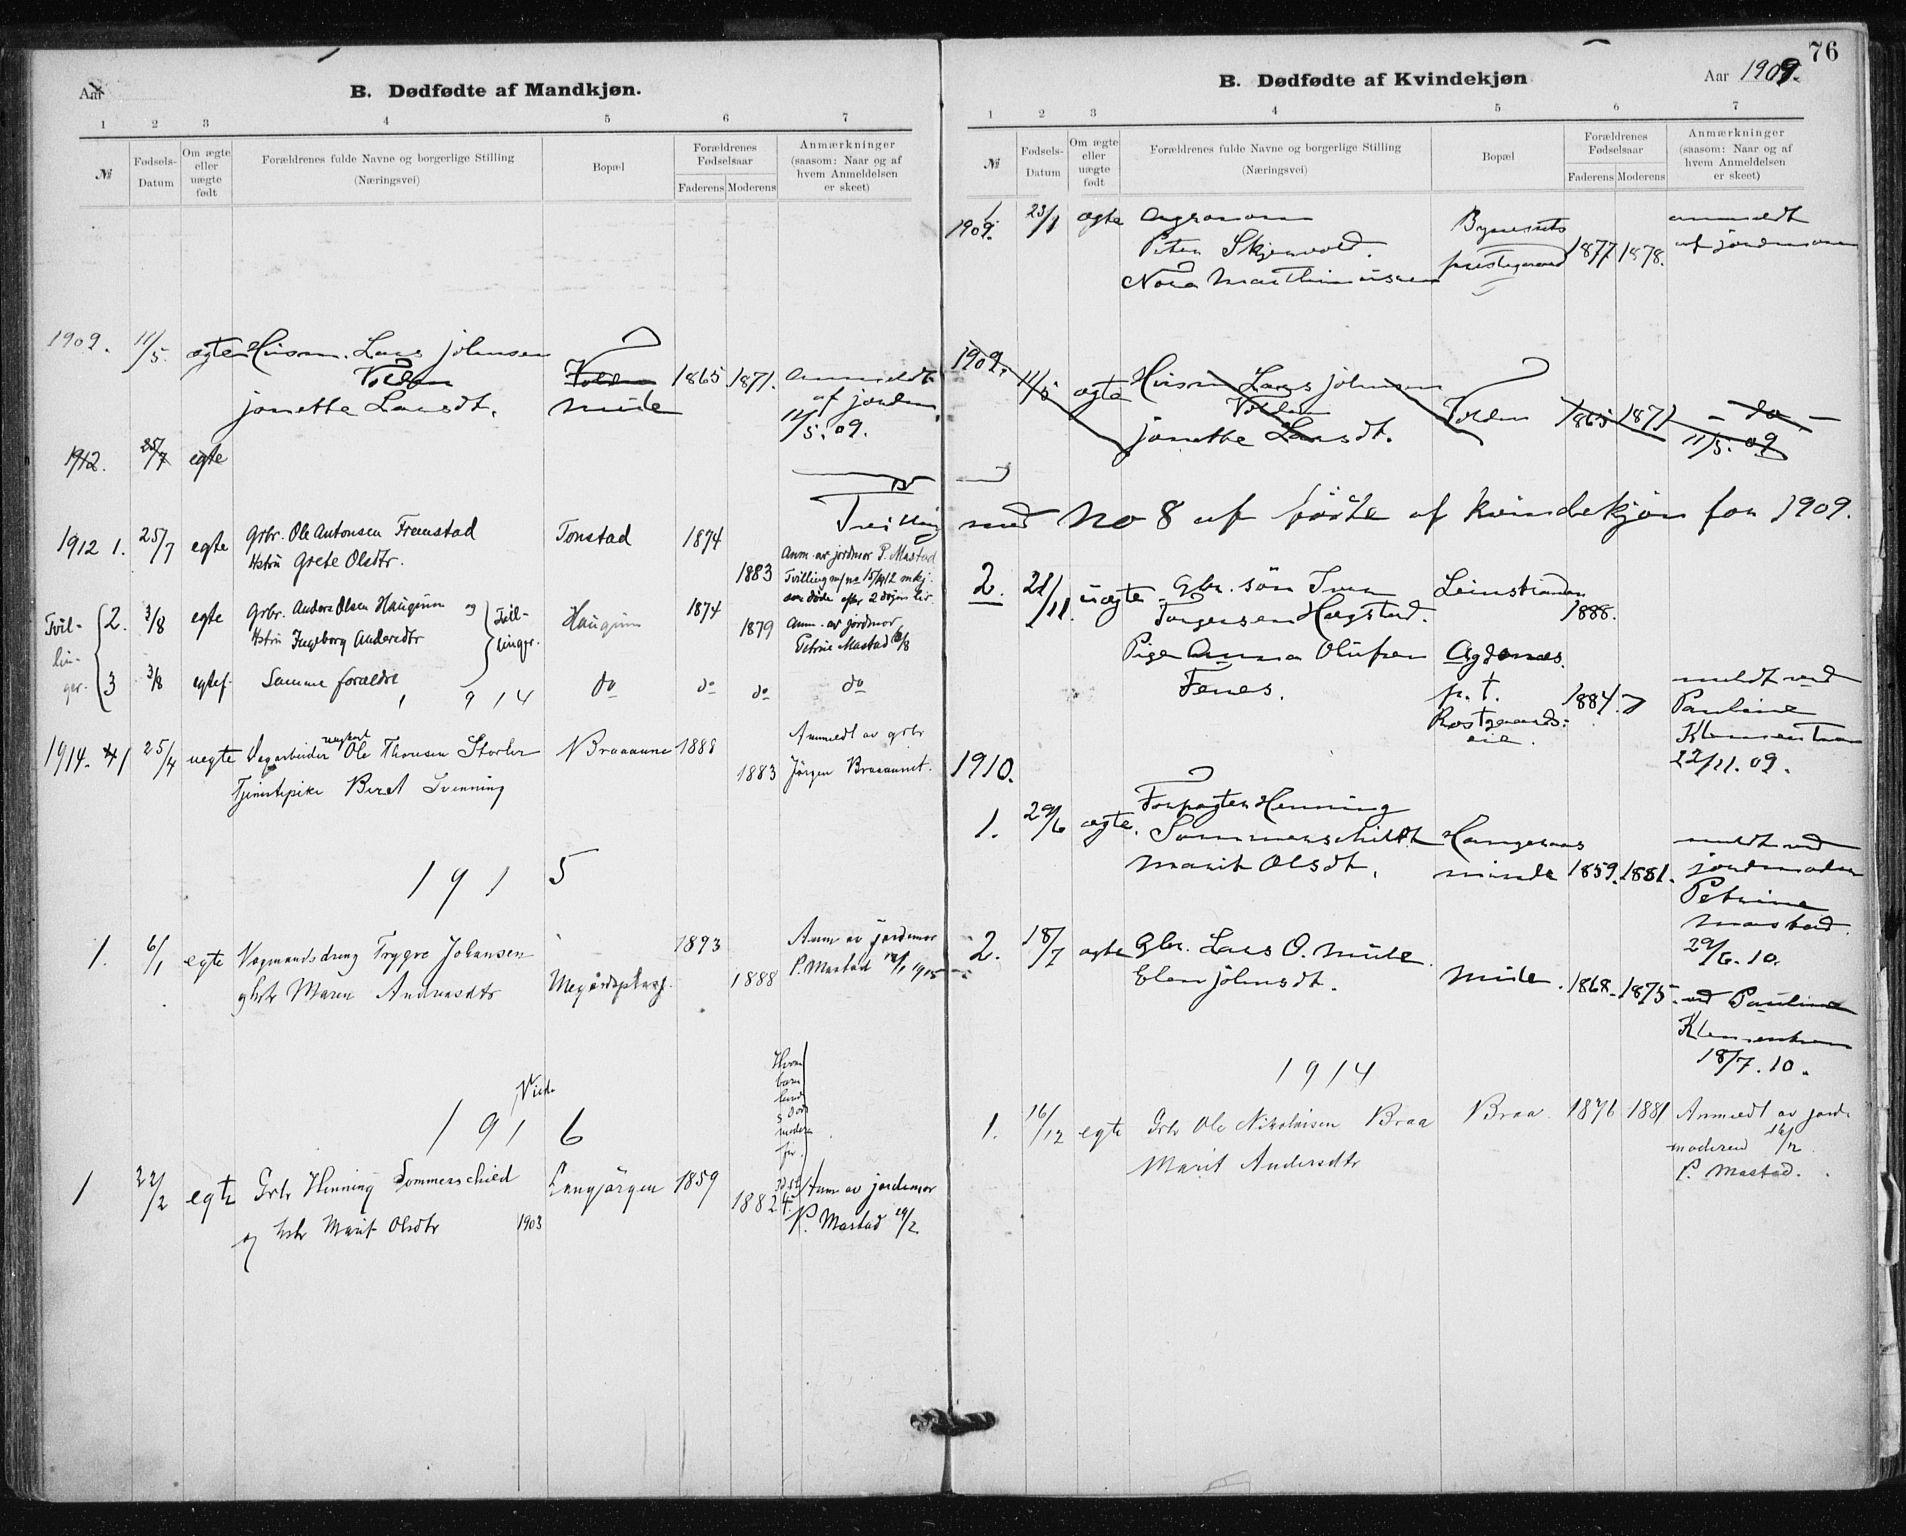 SAT, Ministerialprotokoller, klokkerbøker og fødselsregistre - Sør-Trøndelag, 612/L0381: Ministerialbok nr. 612A13, 1907-1923, s. 76